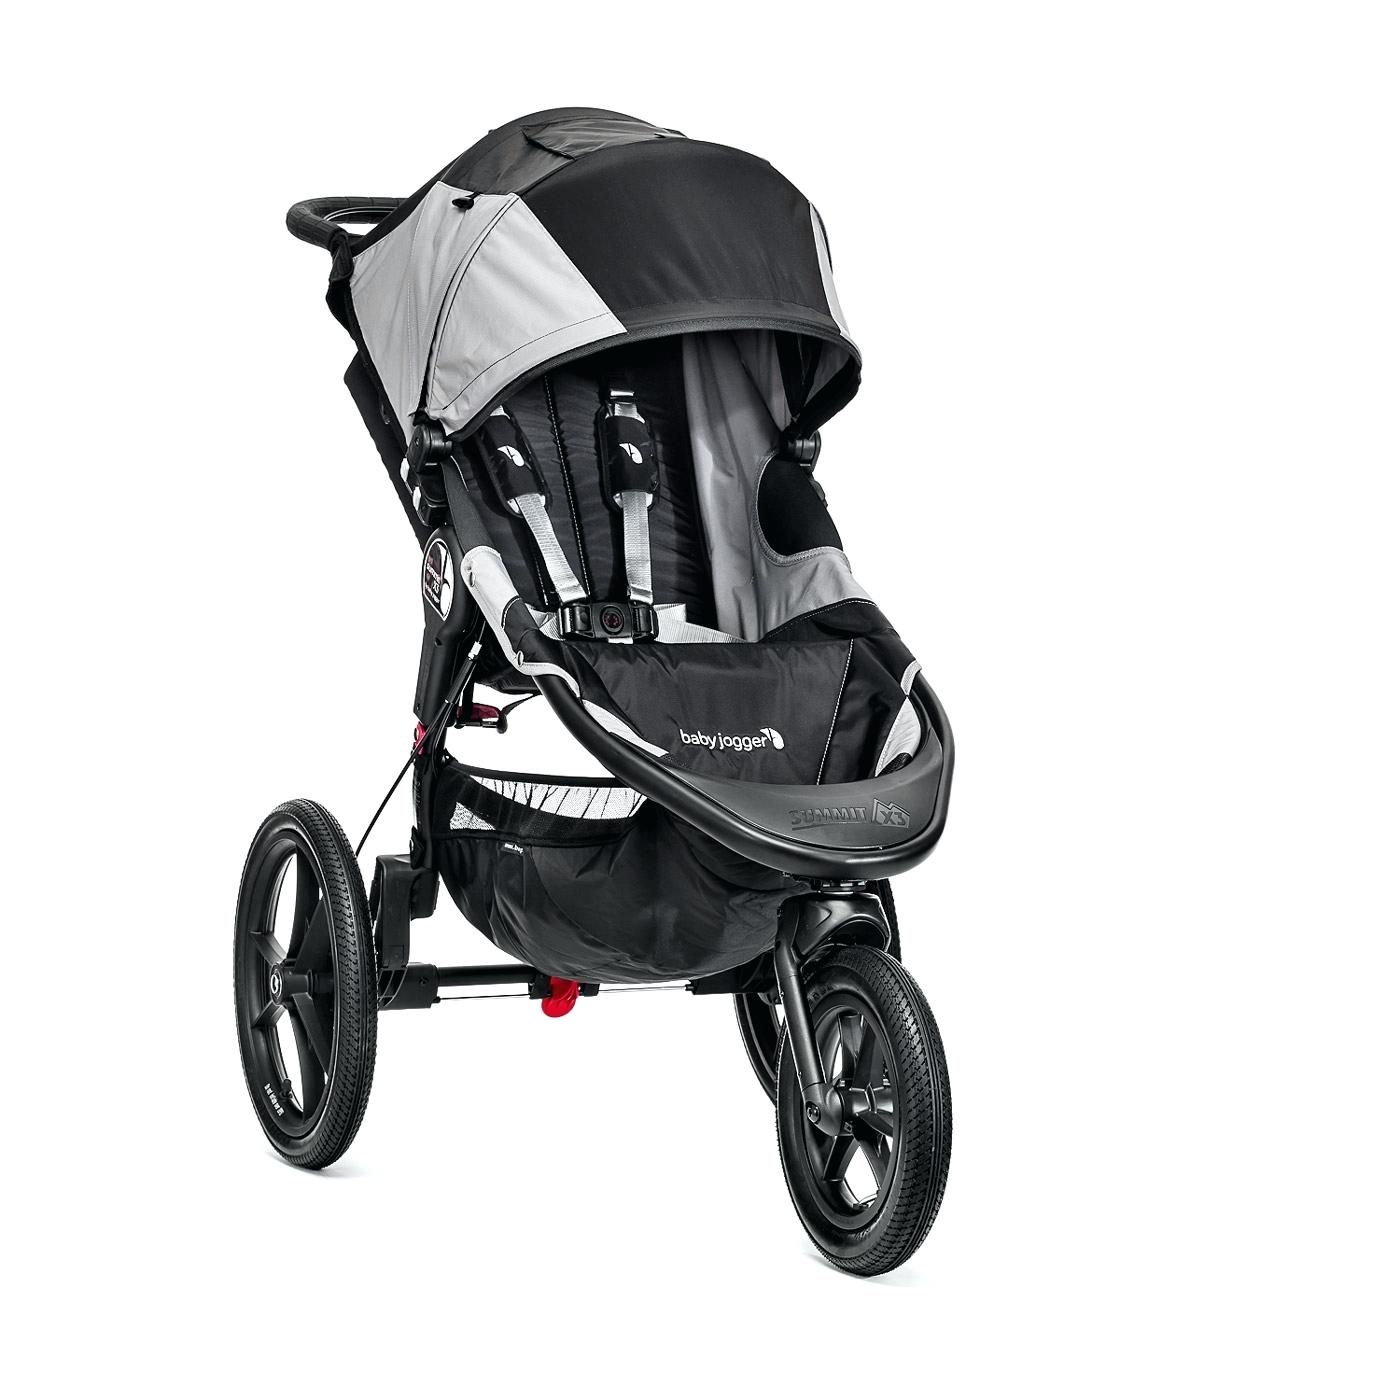 Elektronische Baby Kinderwagen Joggen Jogger Vs Bob Baby